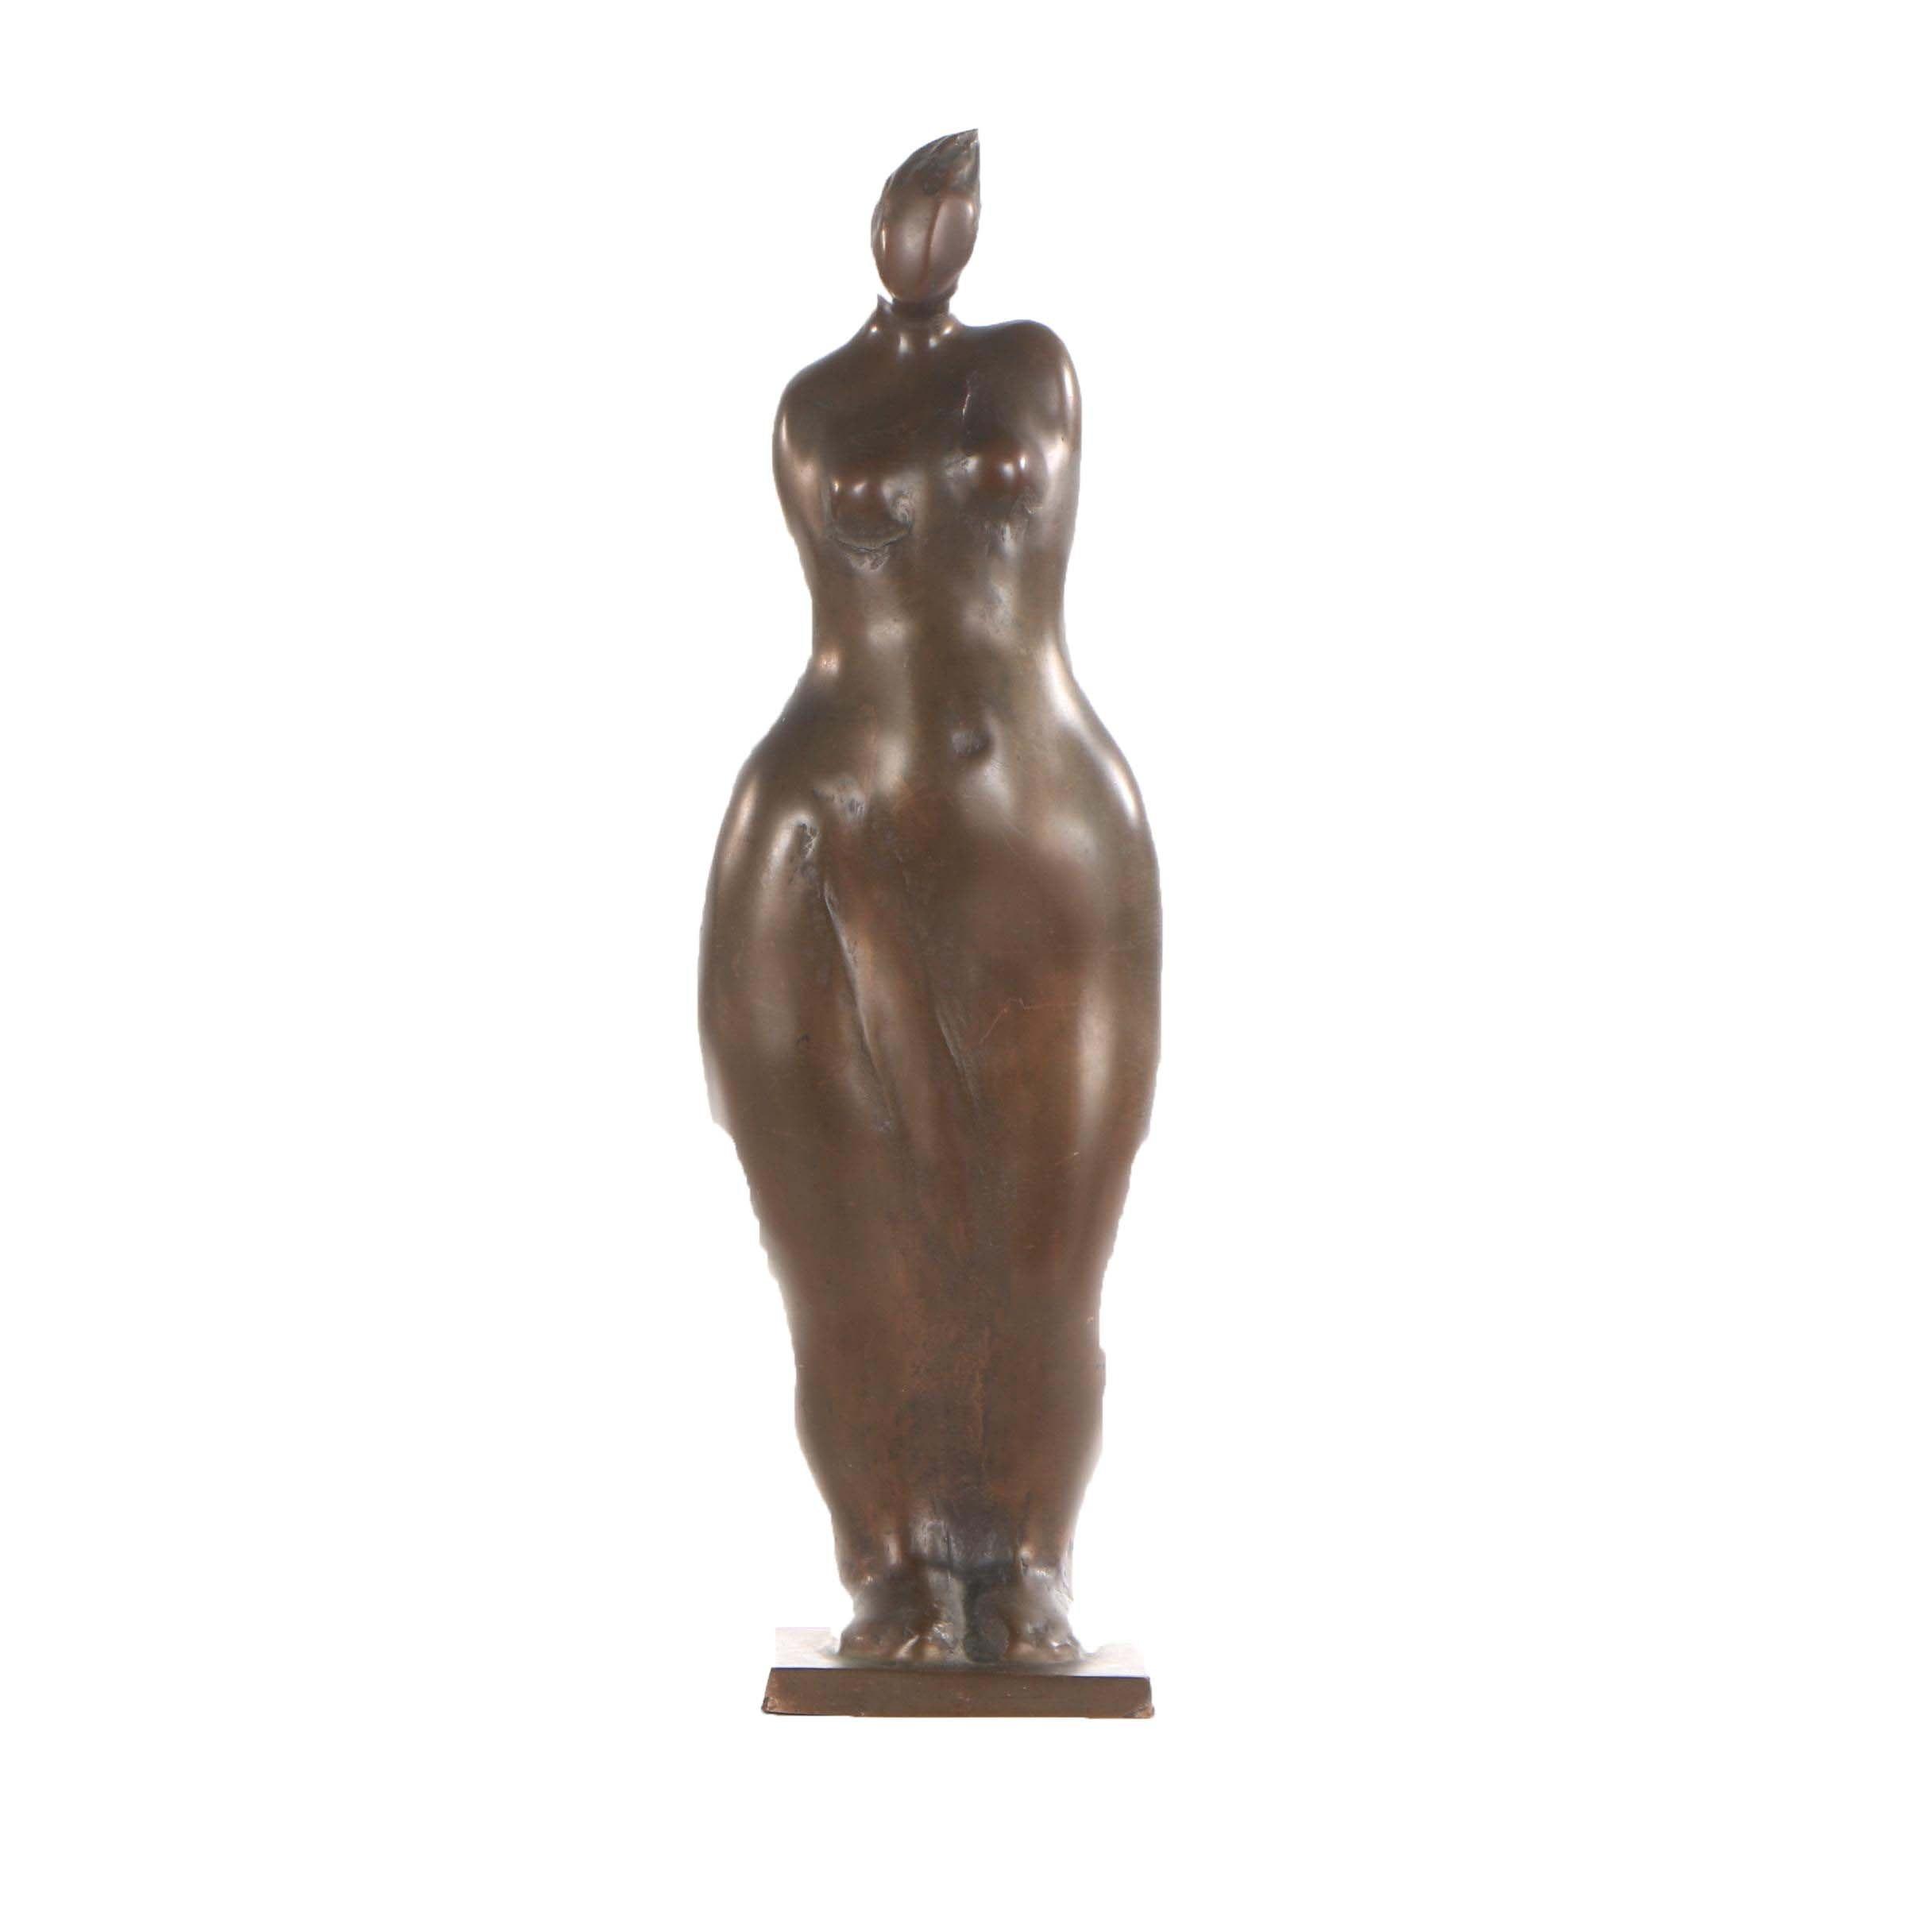 Figural Female Bronze Sculpture